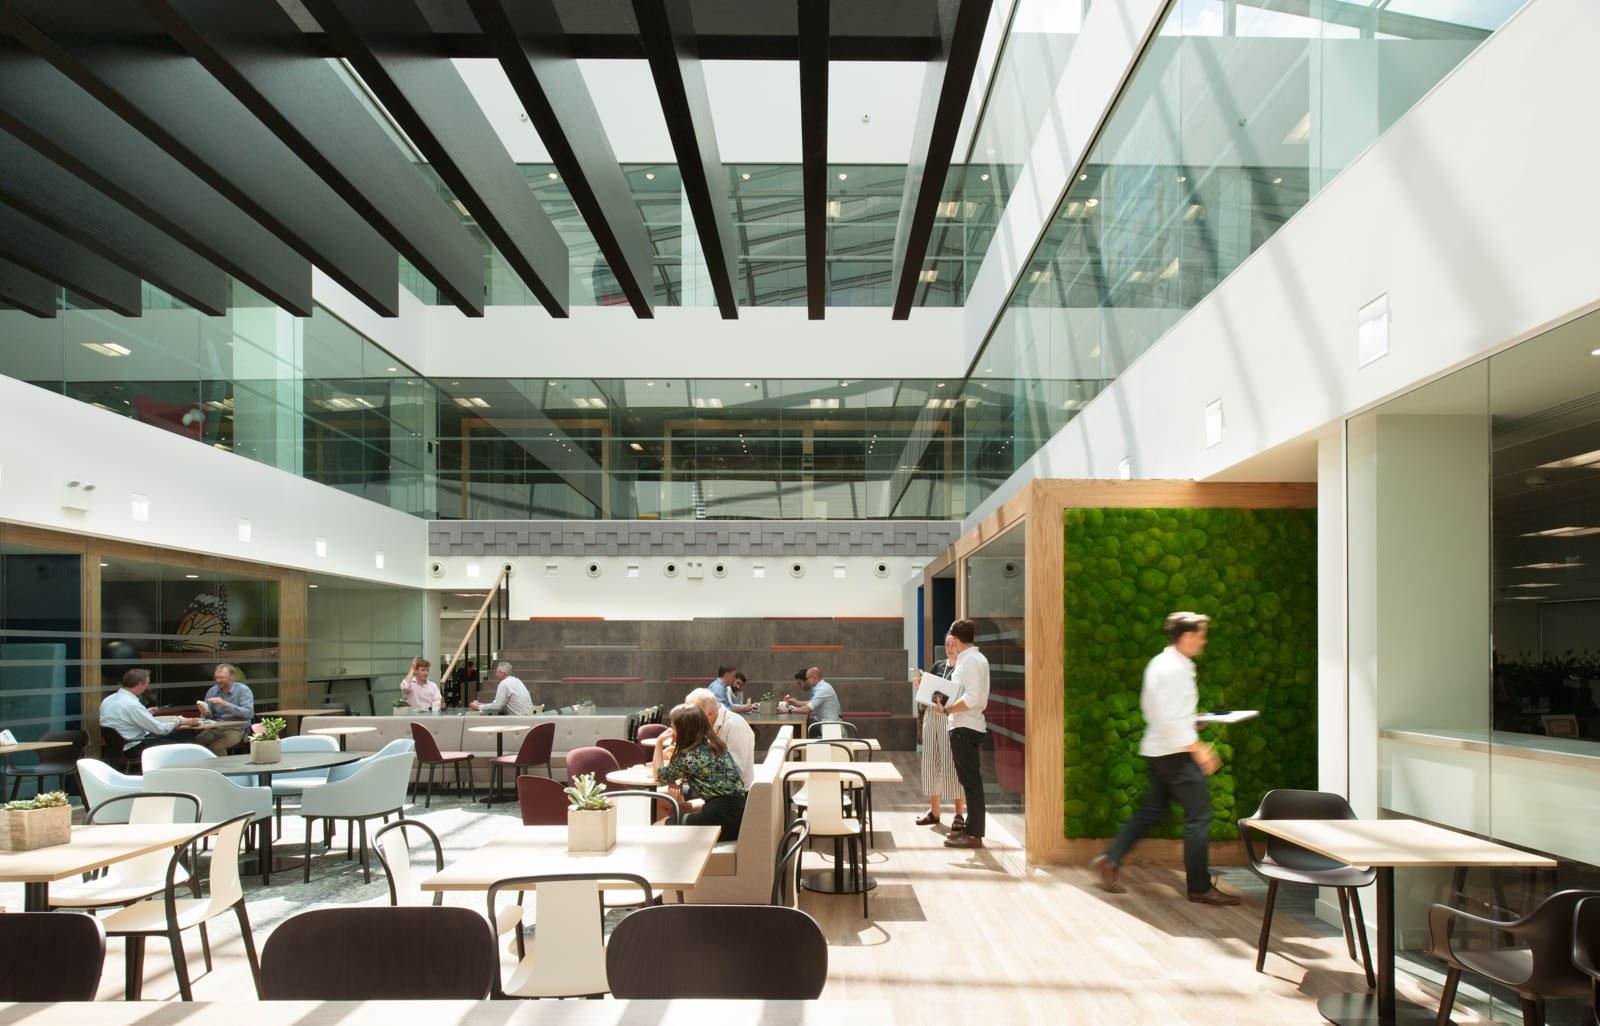 Lane4 atrium breakout space design